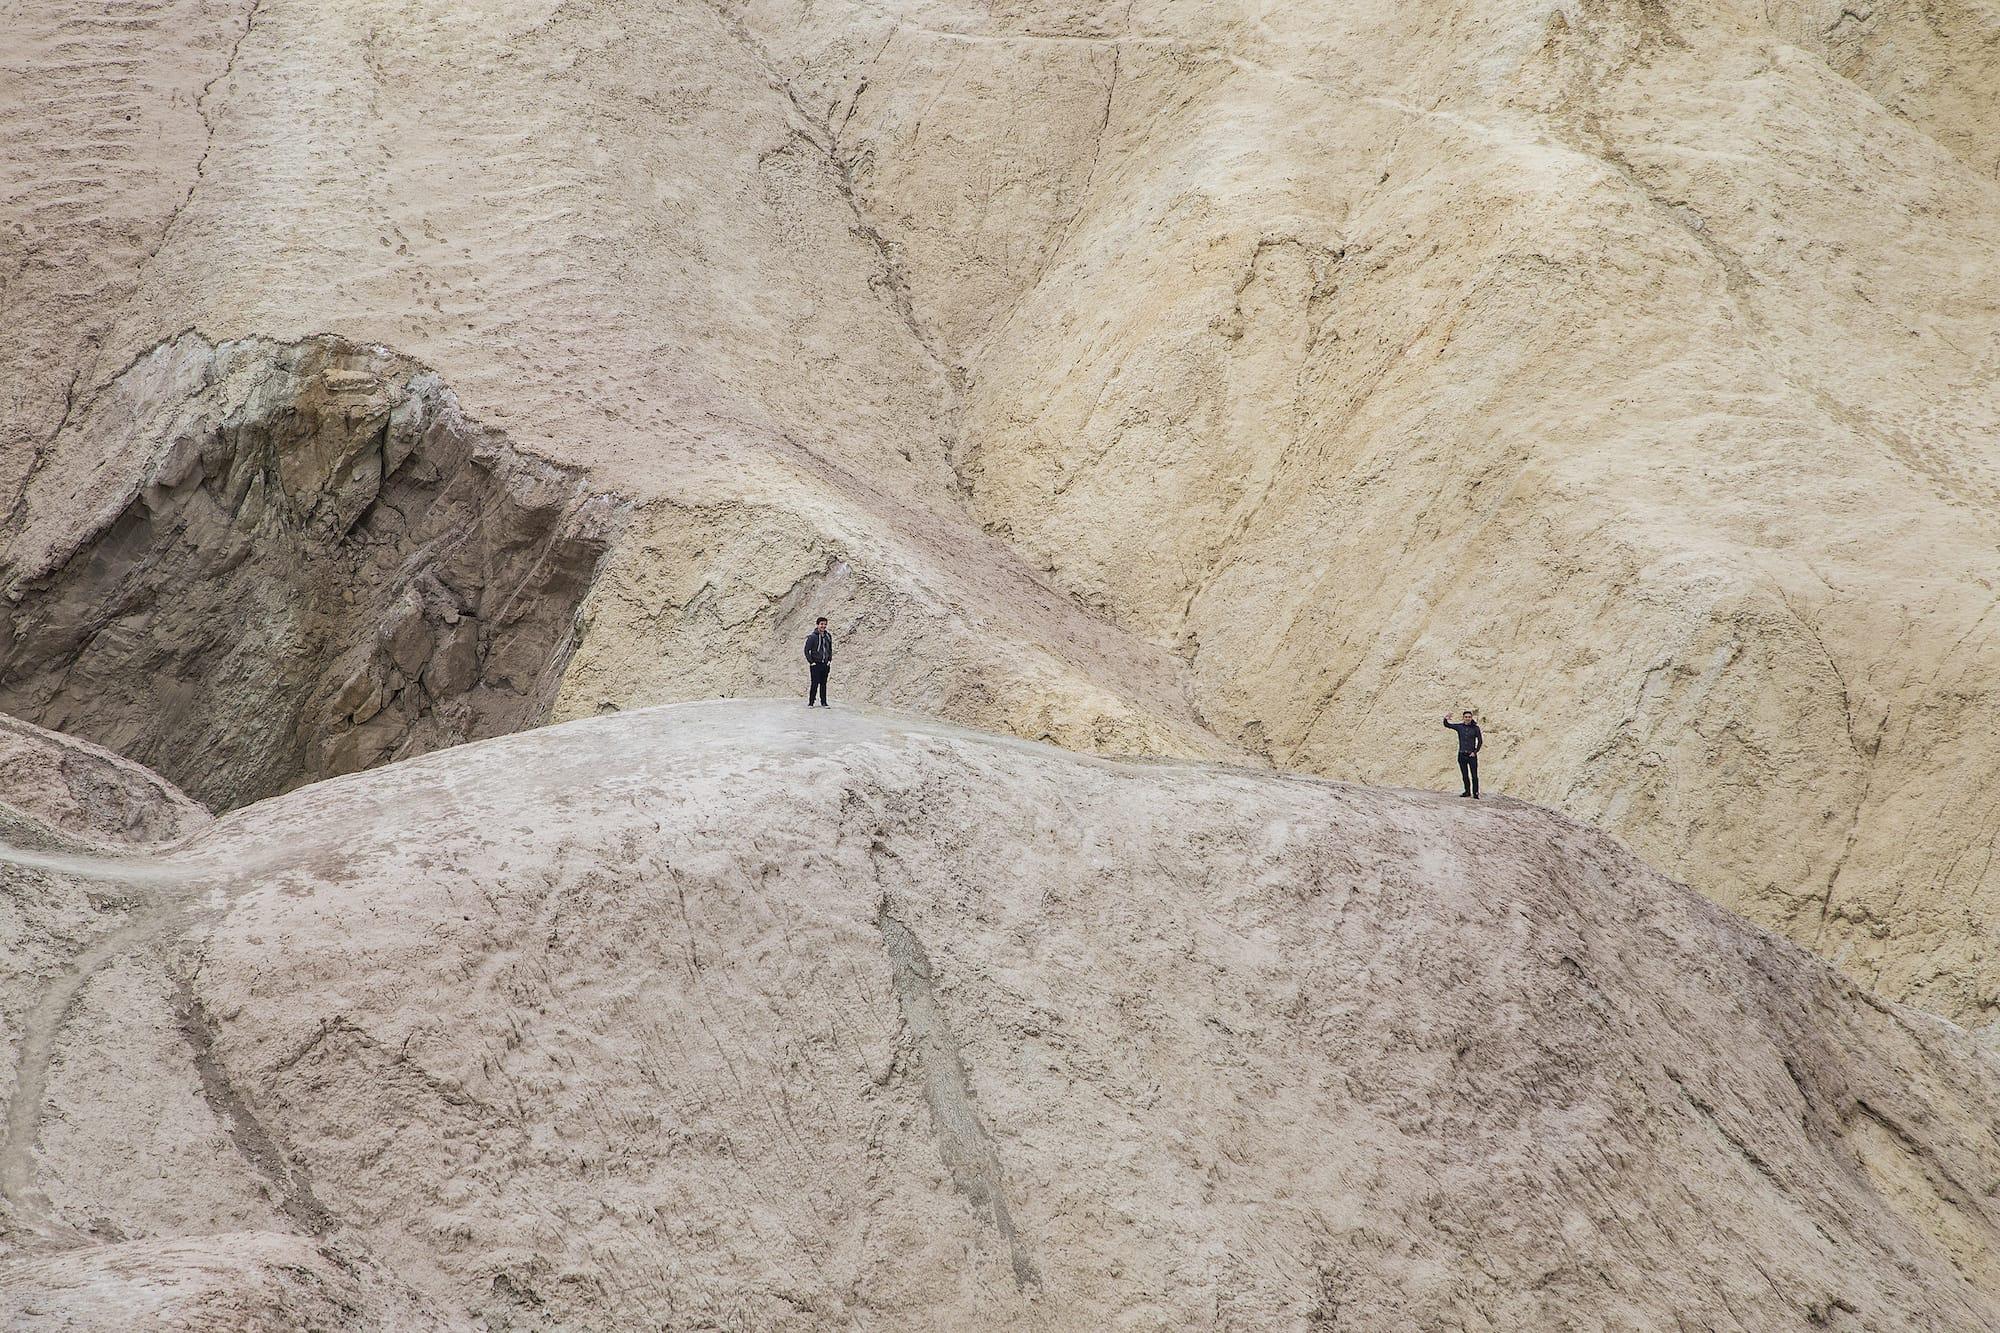 Wielki Kanion i Dolina Smierci Tomek Szykulski 8